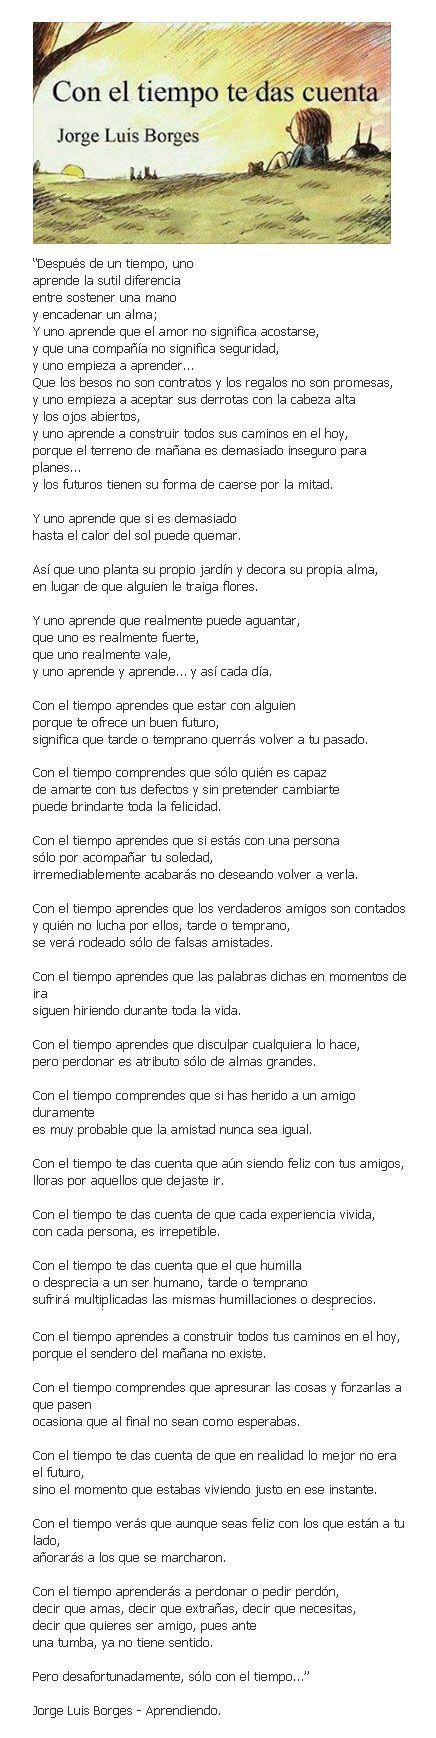 Jorge Luis Borges... y uno aprende...: